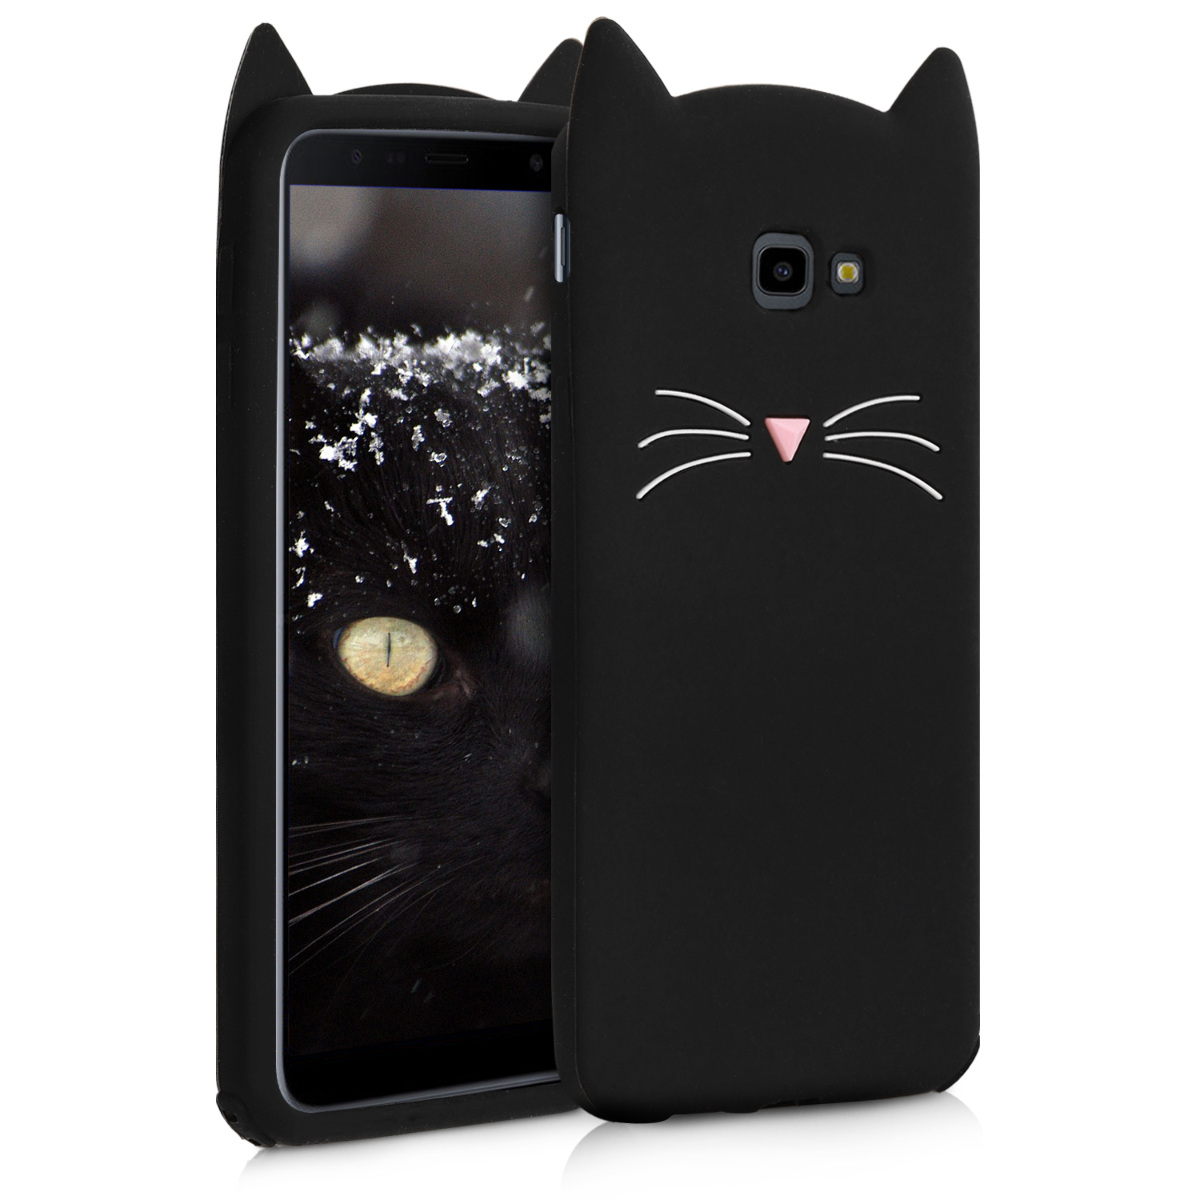 Černé silikonové kočička pouzdro | obal pro Samsung Galaxy J4+ / J4 Plus DUOS